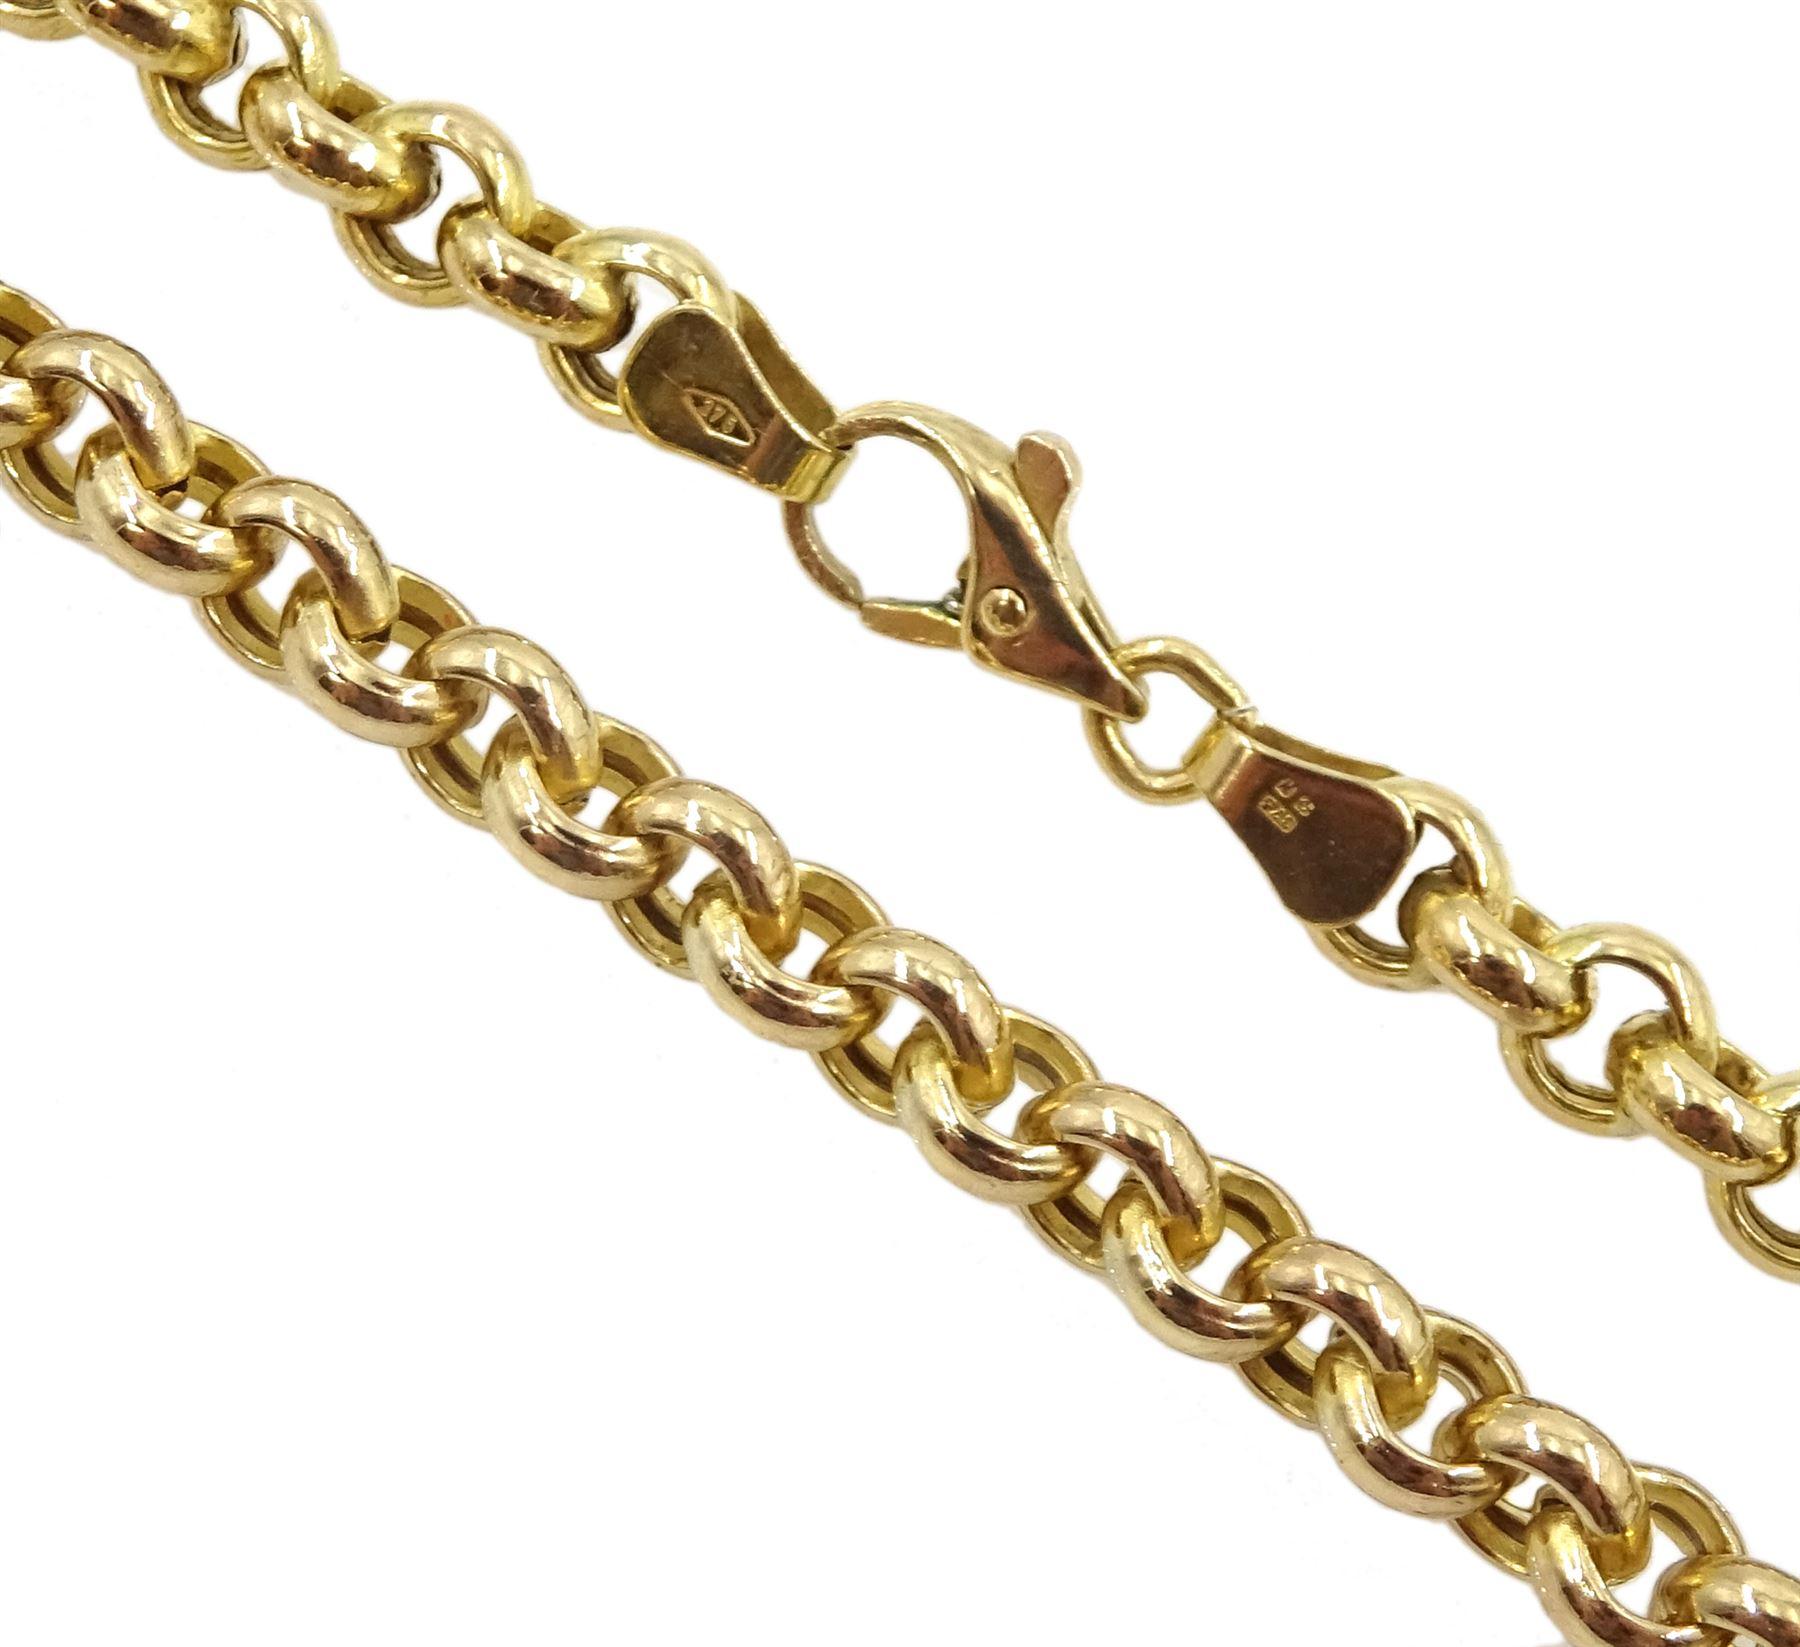 9ct gold belcher link necklace - Image 3 of 3